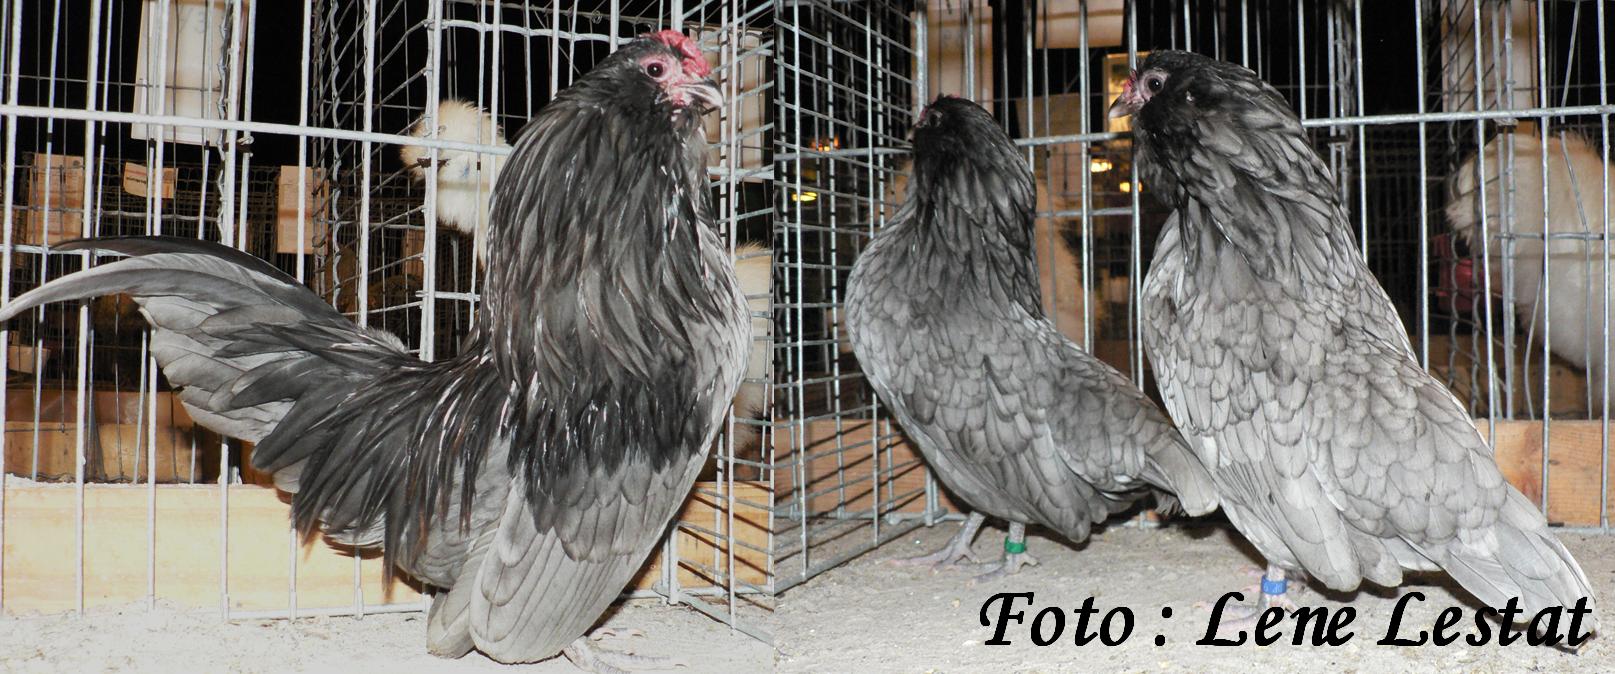 1,1 antwerpner skæghøns – blå